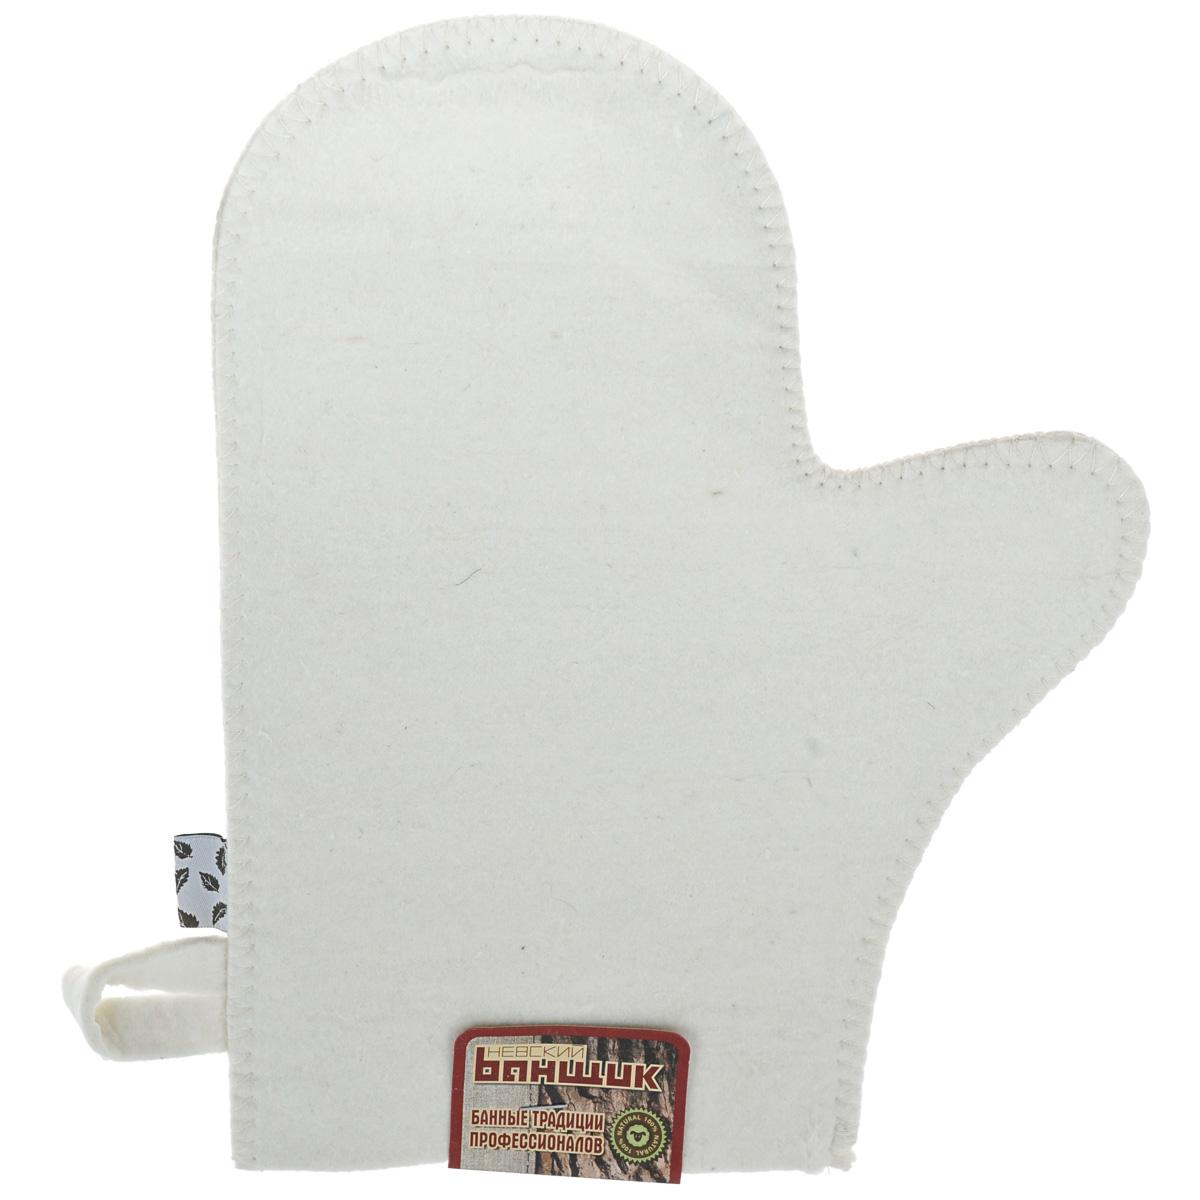 Рукавица для бани и сауны Невский банщик Классика, цвет: белыйБ4502Рукавица Невский банщик Классика, изготовленная из фетра (шерсть), - незаменимый банный атрибут. Однотонная рукавица оснащена петелькой для подвешивания на крючок. Такая рукавица защищает руки от горячего пара, делает комфортным пребывание в парной. Также ею можно прекрасно промассировать тело. Размер: 29 см х 22,5 см.